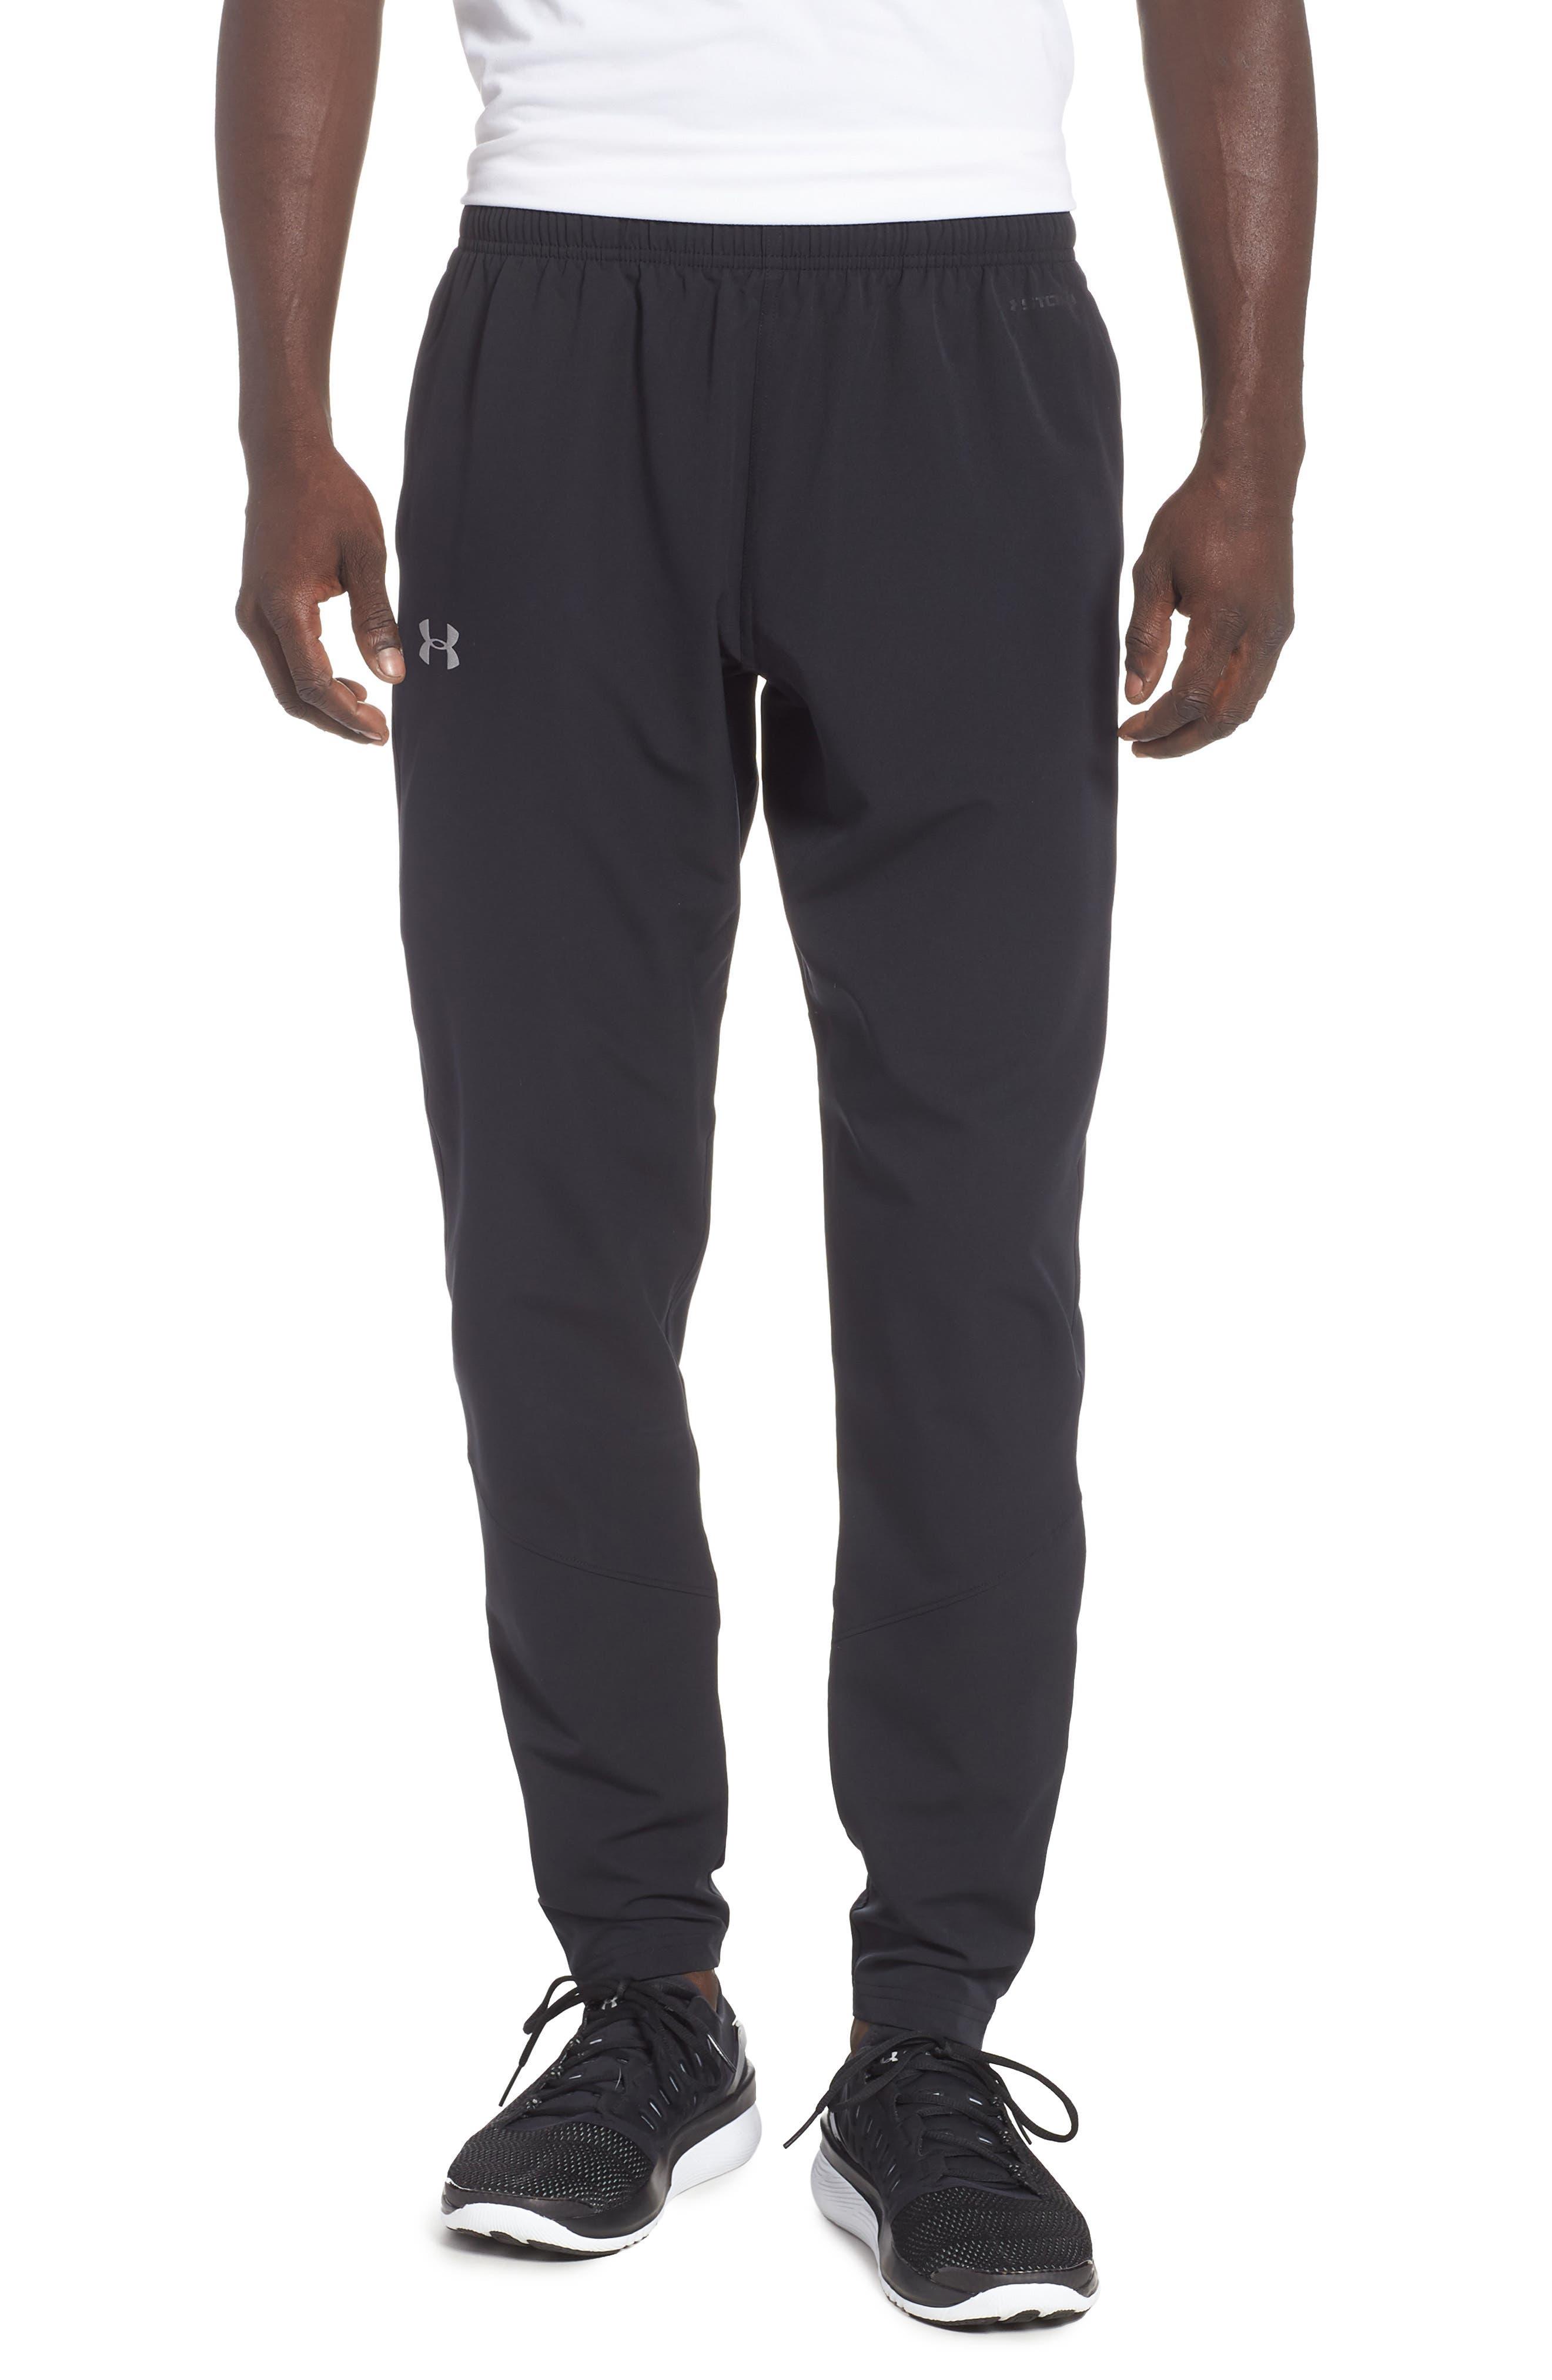 Storm Out Pants,                         Main,                         color, BLACK / / REFLECTIVE